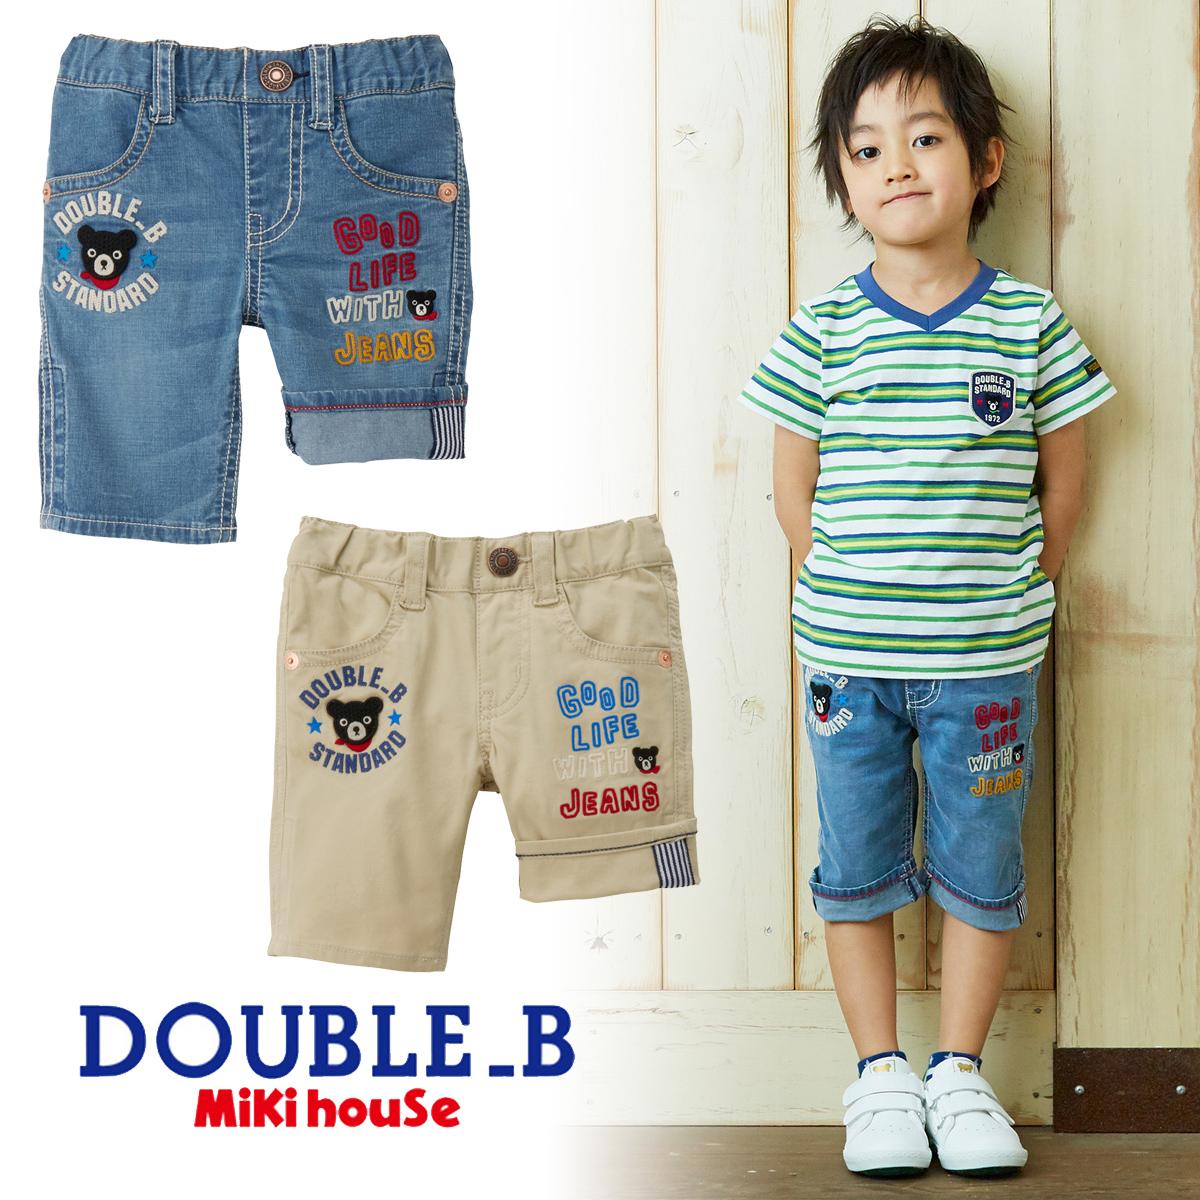 【宅配便送料無料】【DOUBLE B ダブルビー】刺繍付き7分丈パンツ(80cm・90cm)【ミキハウス/ハーフパンツ】